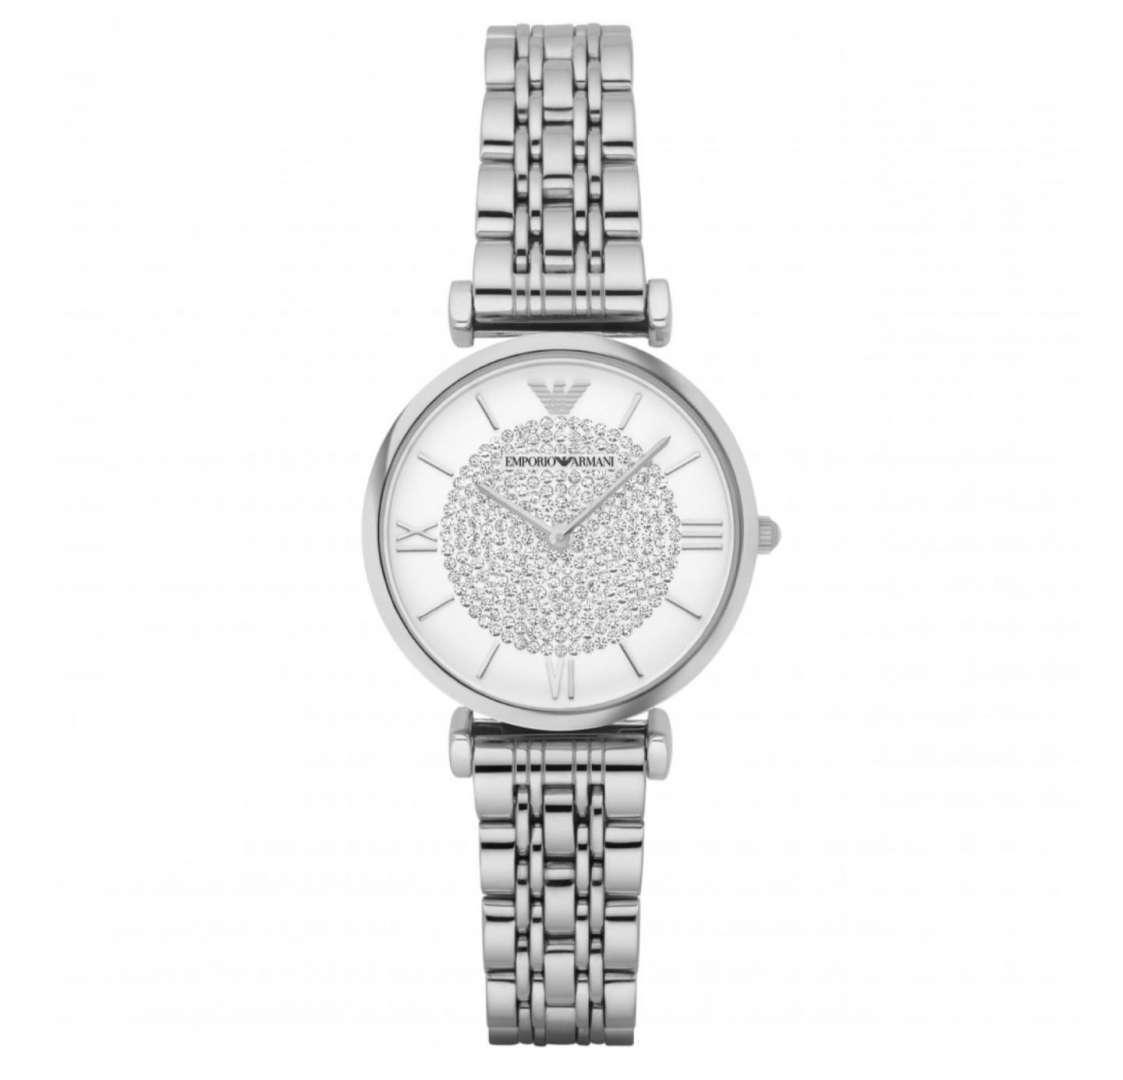 שעון יד אנלוגי לאישה emporio armani ar1925 אמפוריו ארמני